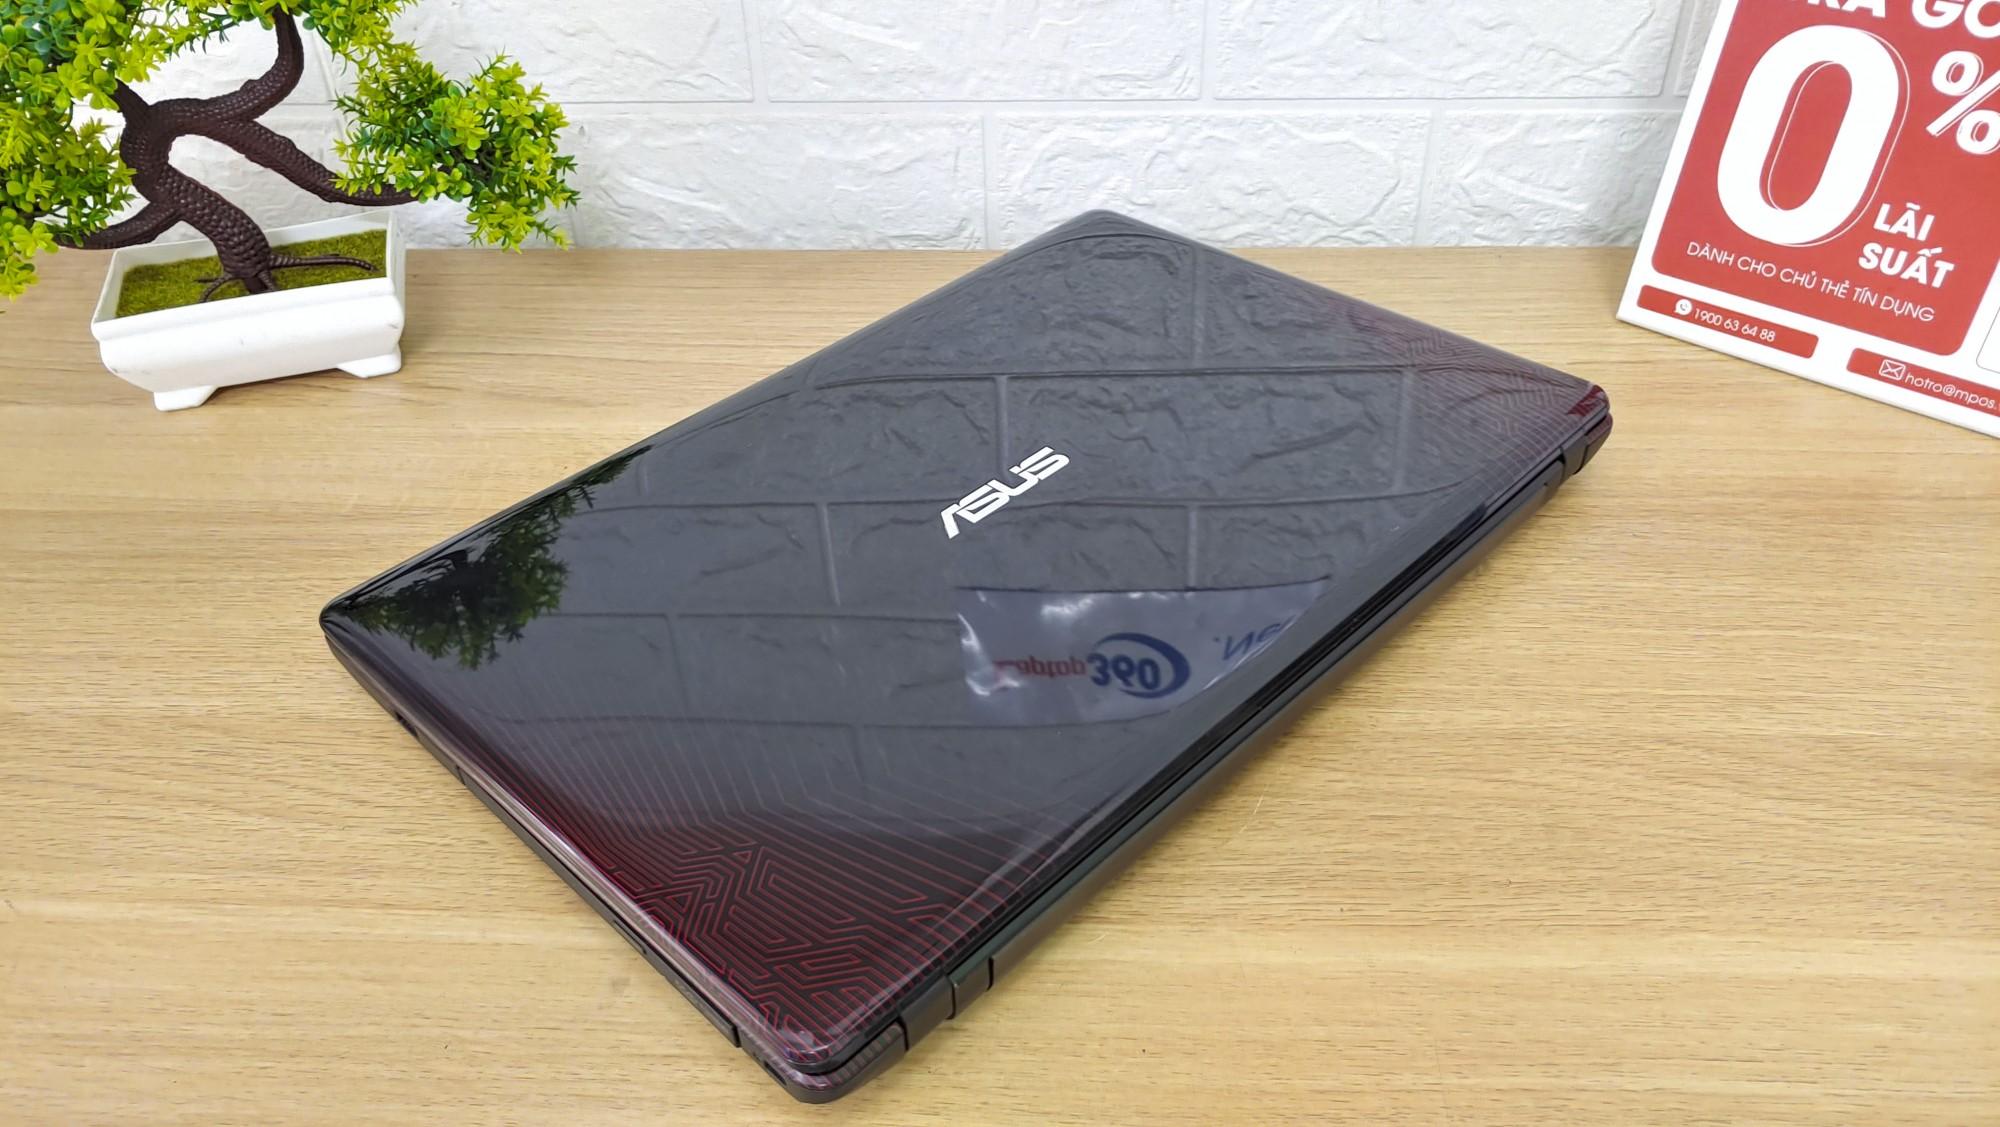 Asus Gaming X550